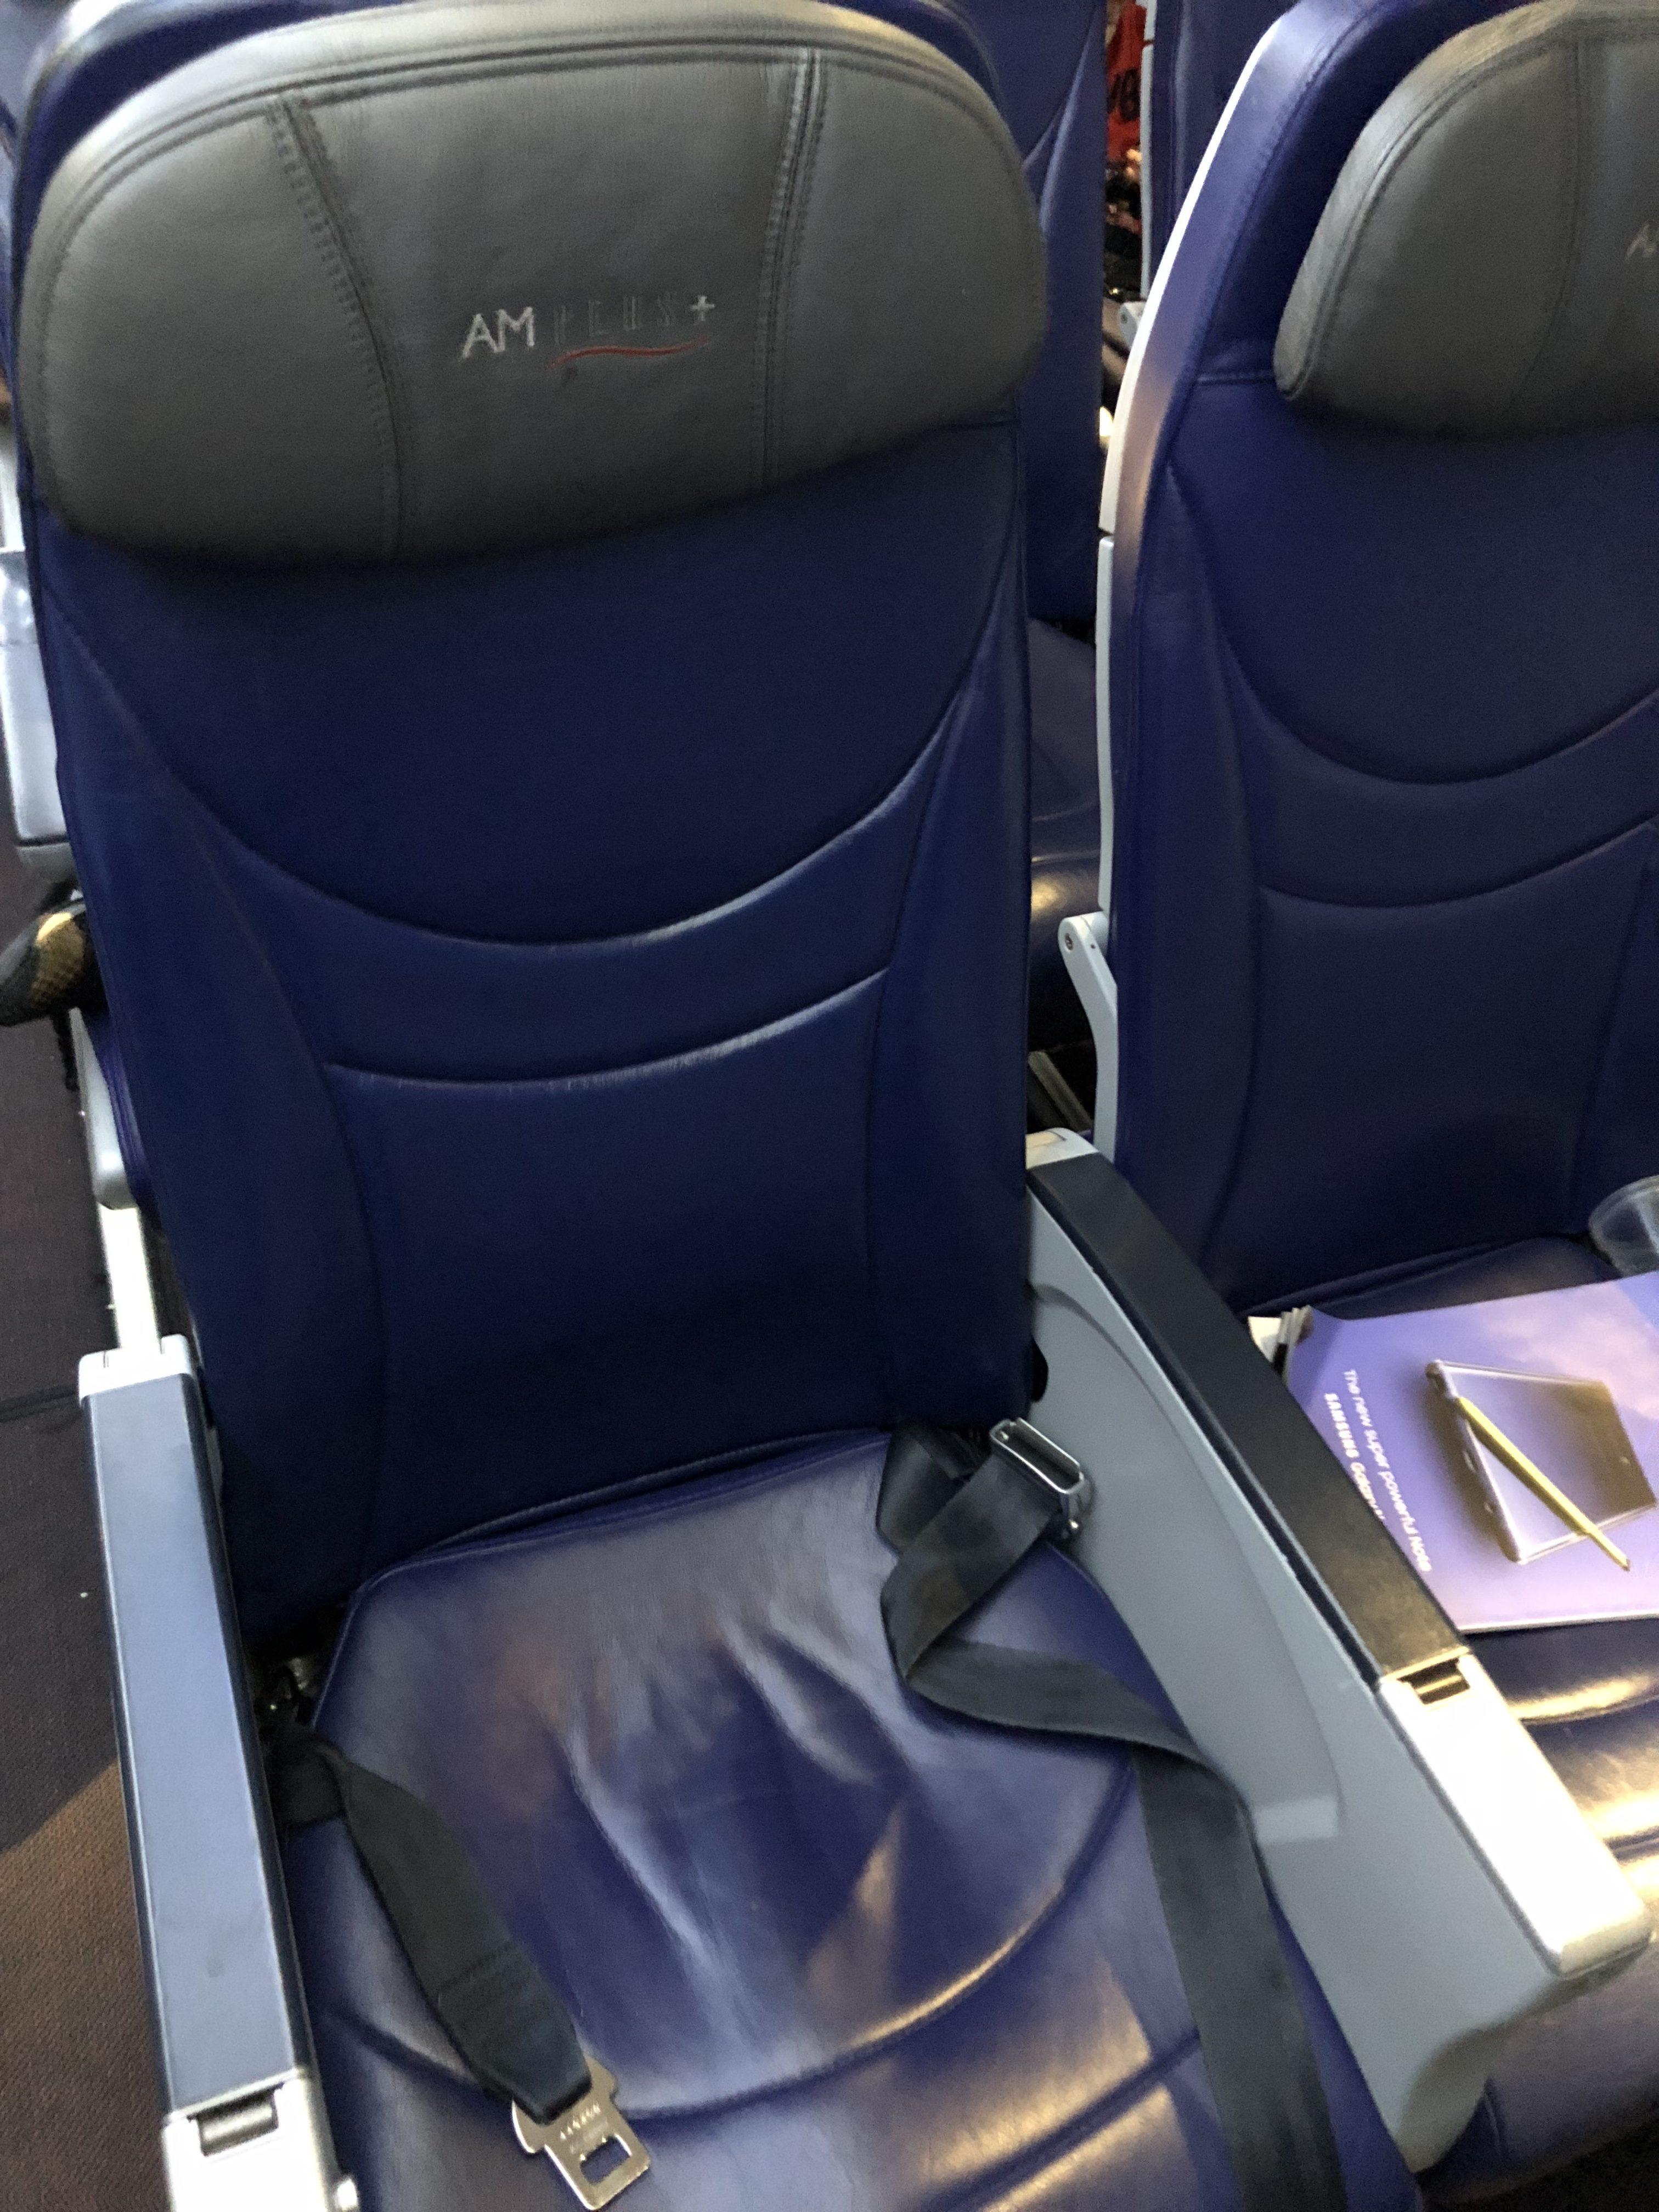 Aeromexico Seat Reviews